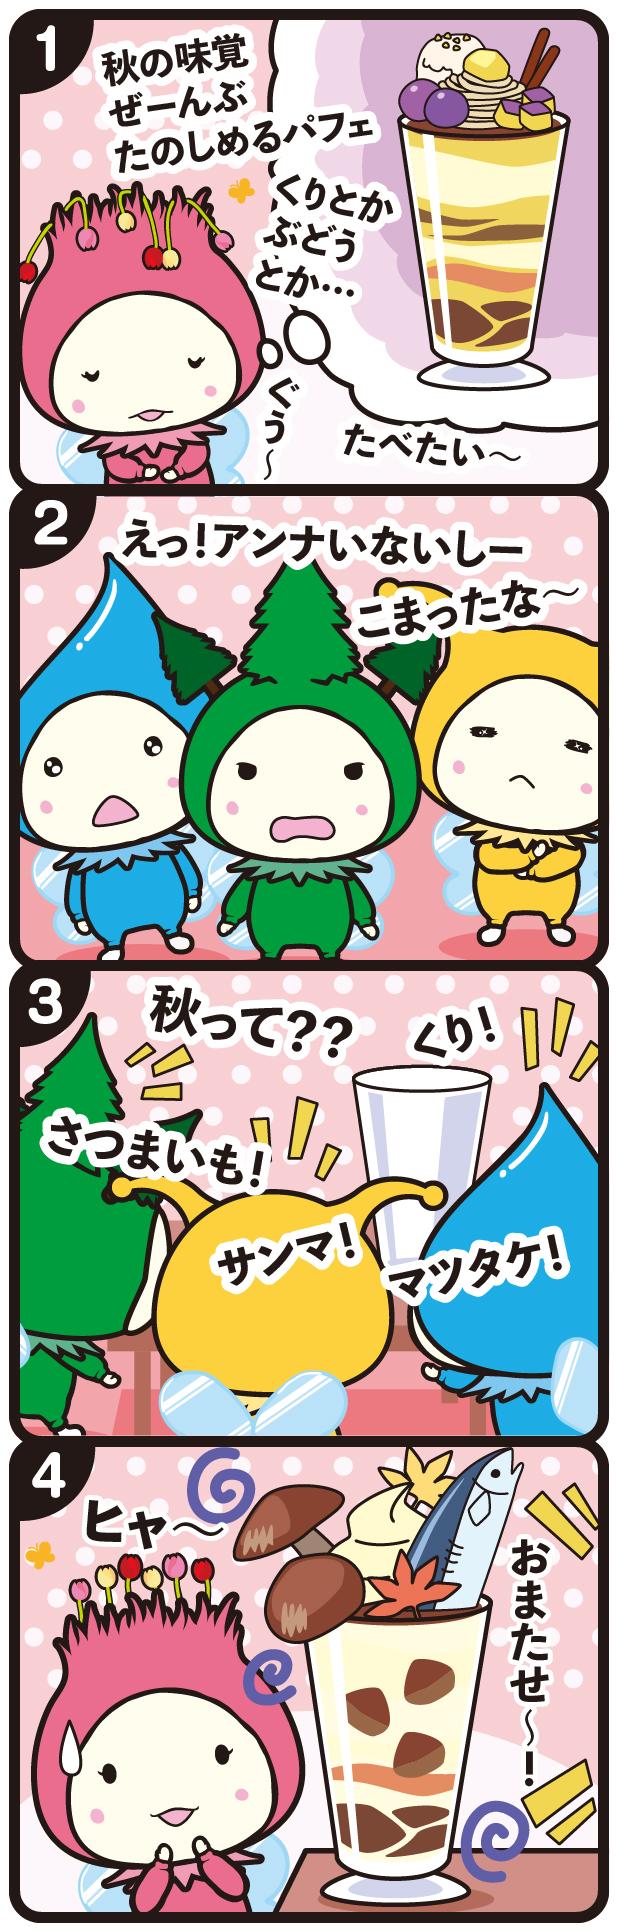 comic_212